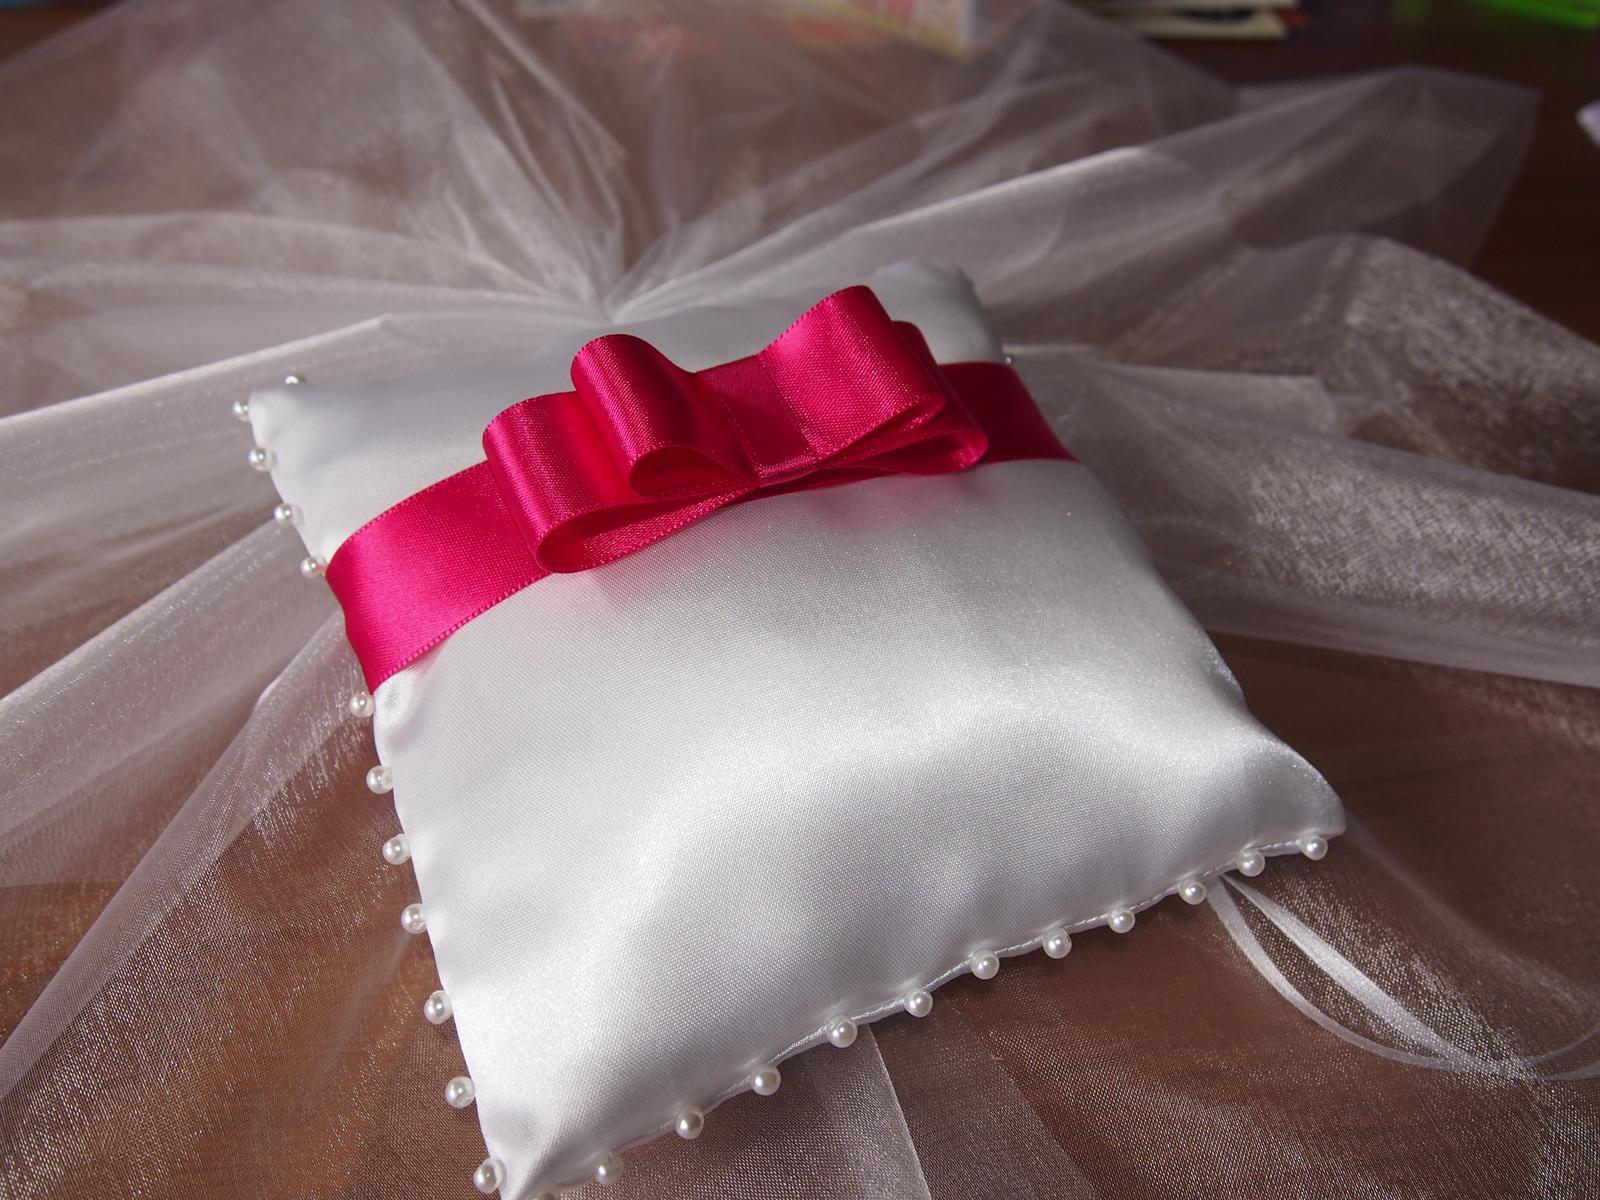 Bílý polštářek pod prstýnky s malinovou mašličkou - Obrázek č. 1